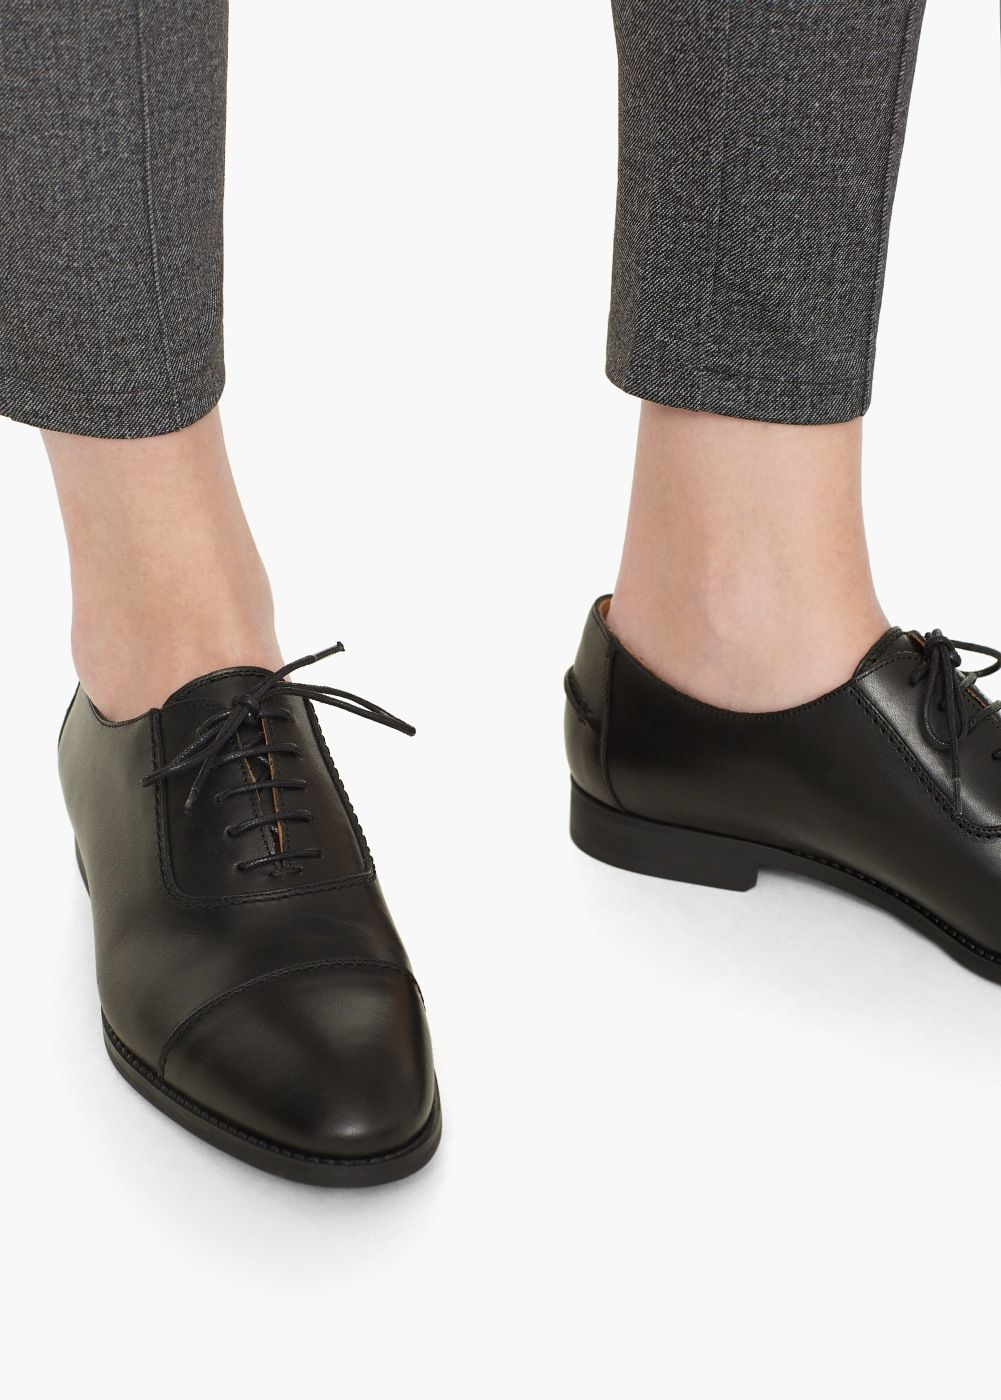 online store 02451 51779 Oxford-schuh aus leder - Damen | Schuhe | Oxford schuh ...